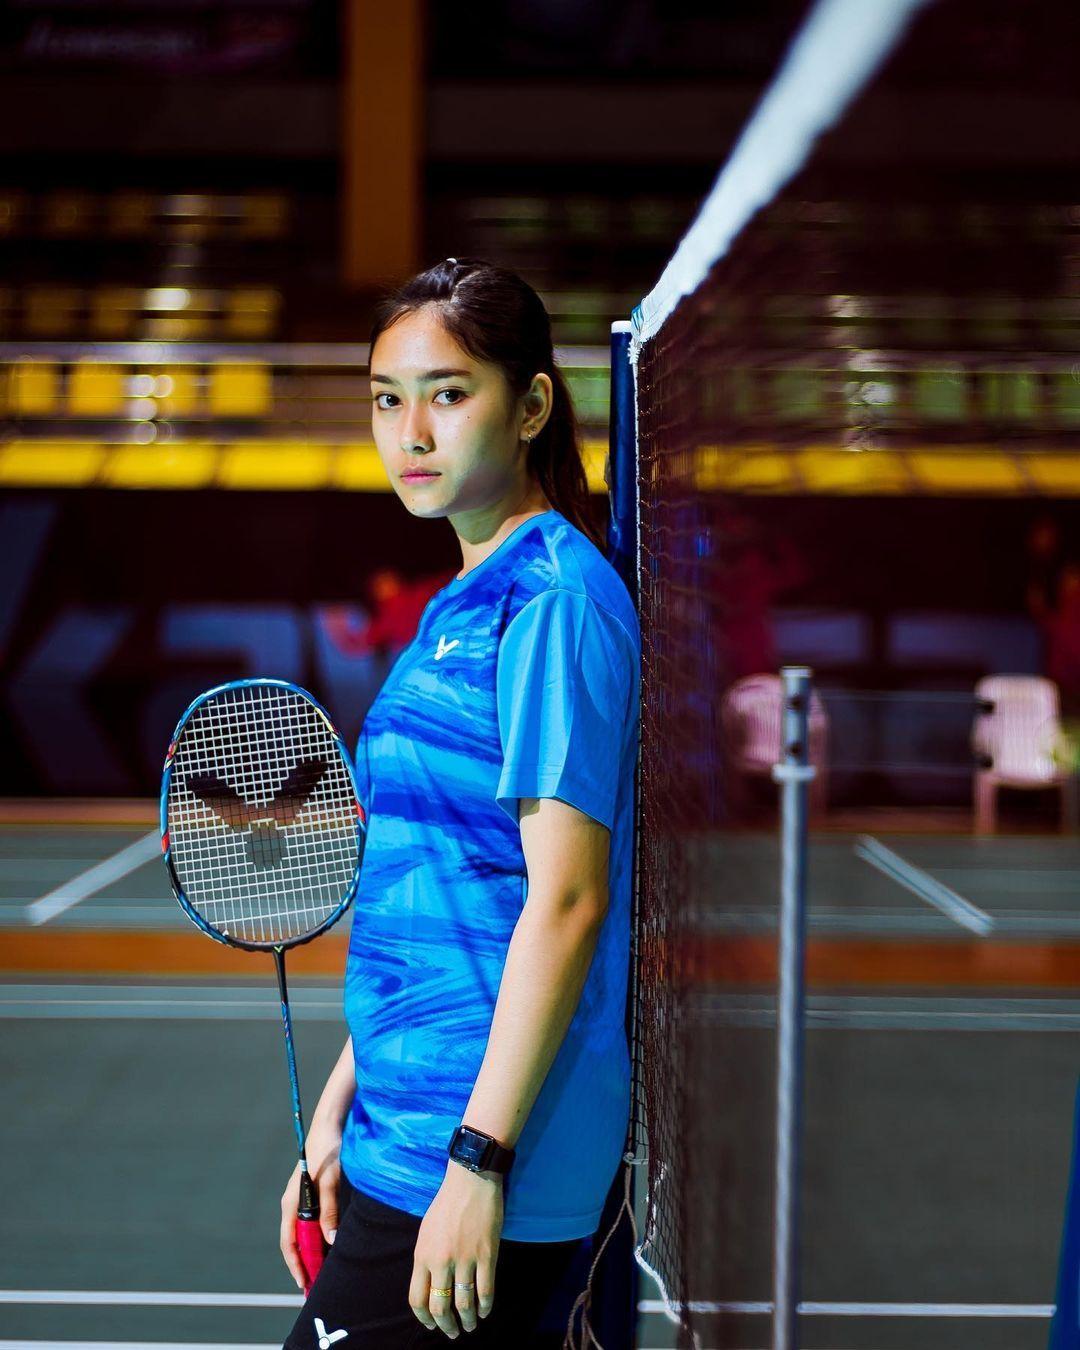 GayaThet Htar Thuzar, Atlet Bulu Tangkis Myanmar yang Bikin Salfok